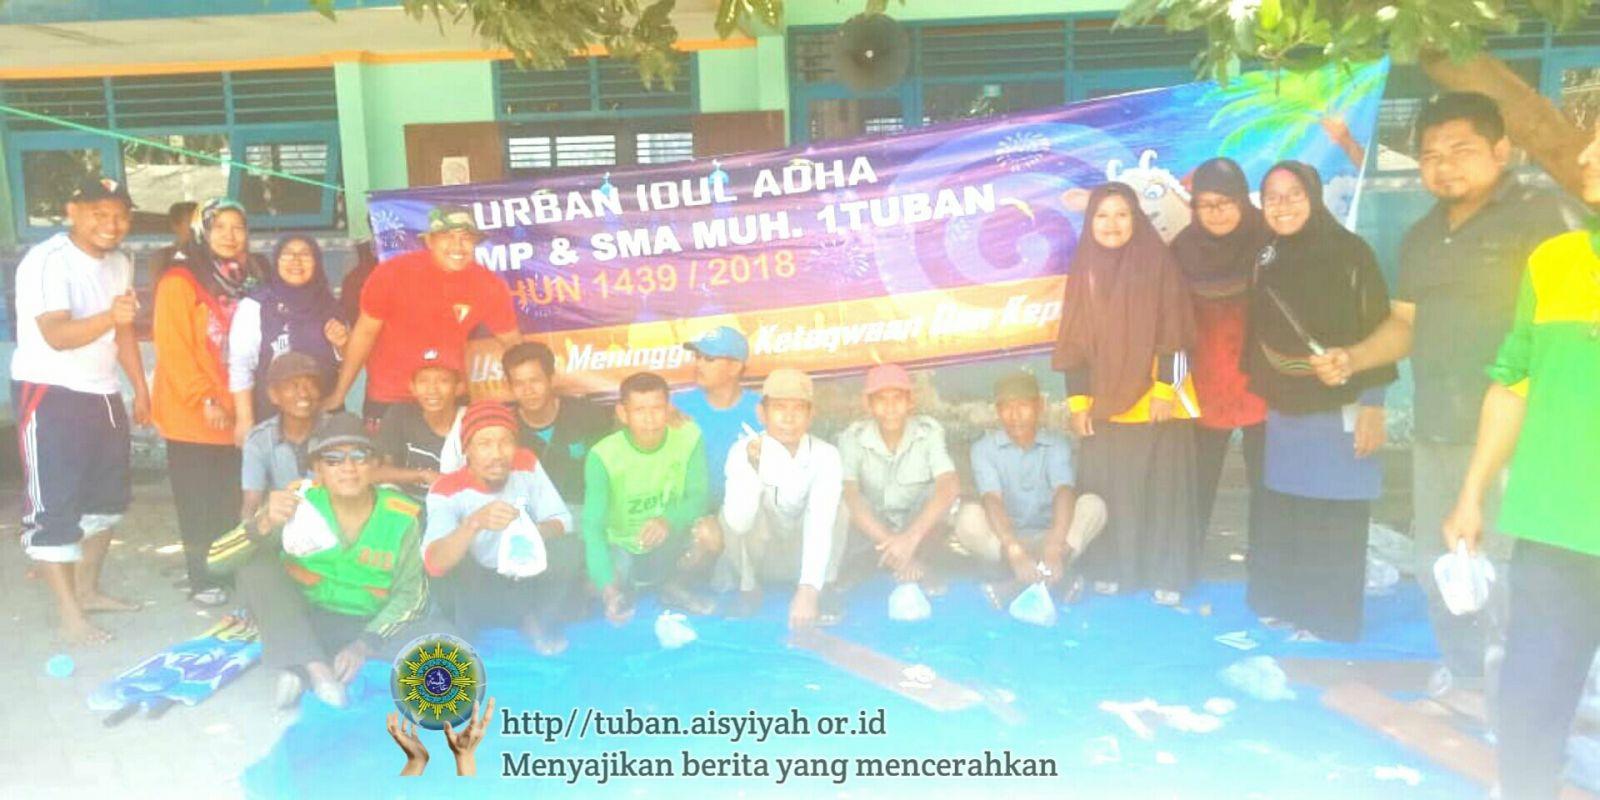 SMP Muhammadiyah 1 Tuban Konsisten Menyembelih Hewan Qurban